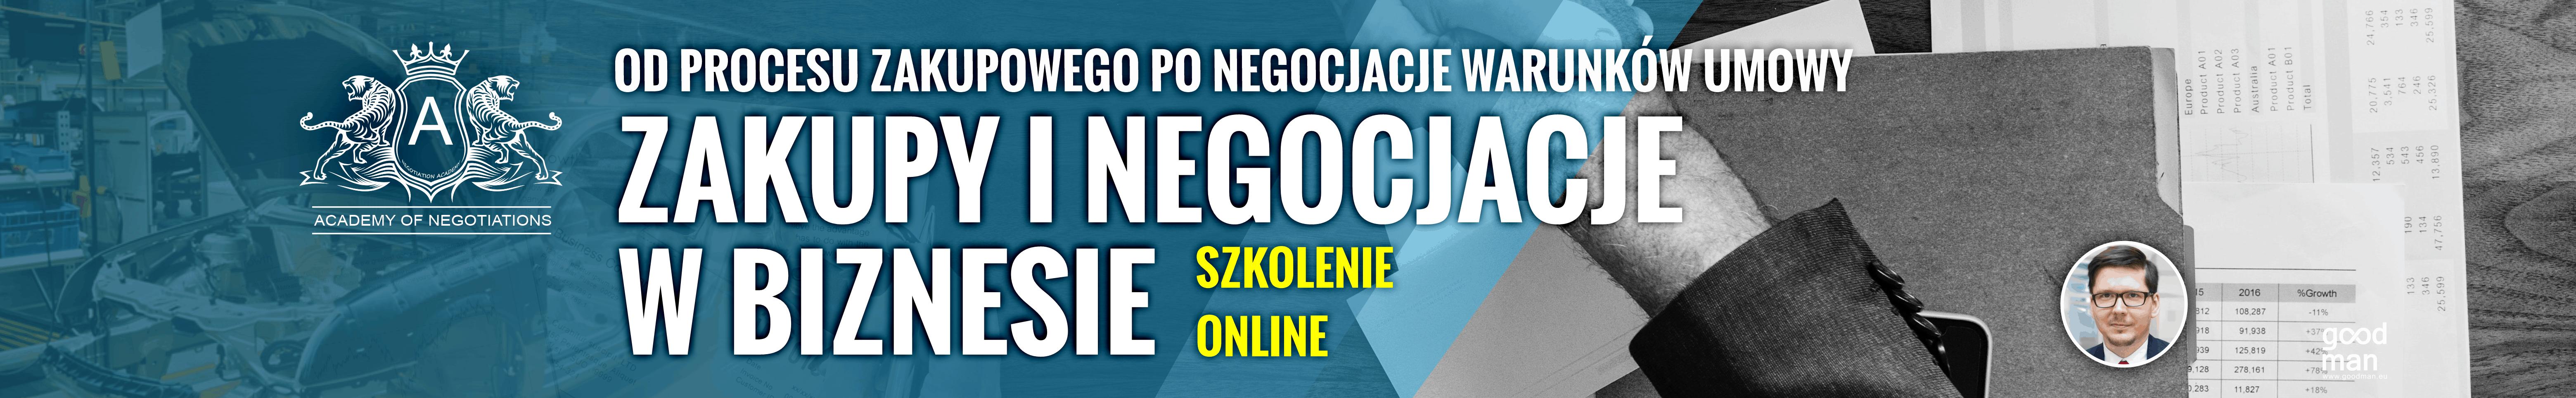 zakupy inegocjacje wbiznesie szkolenie online szkolenie zakupowe